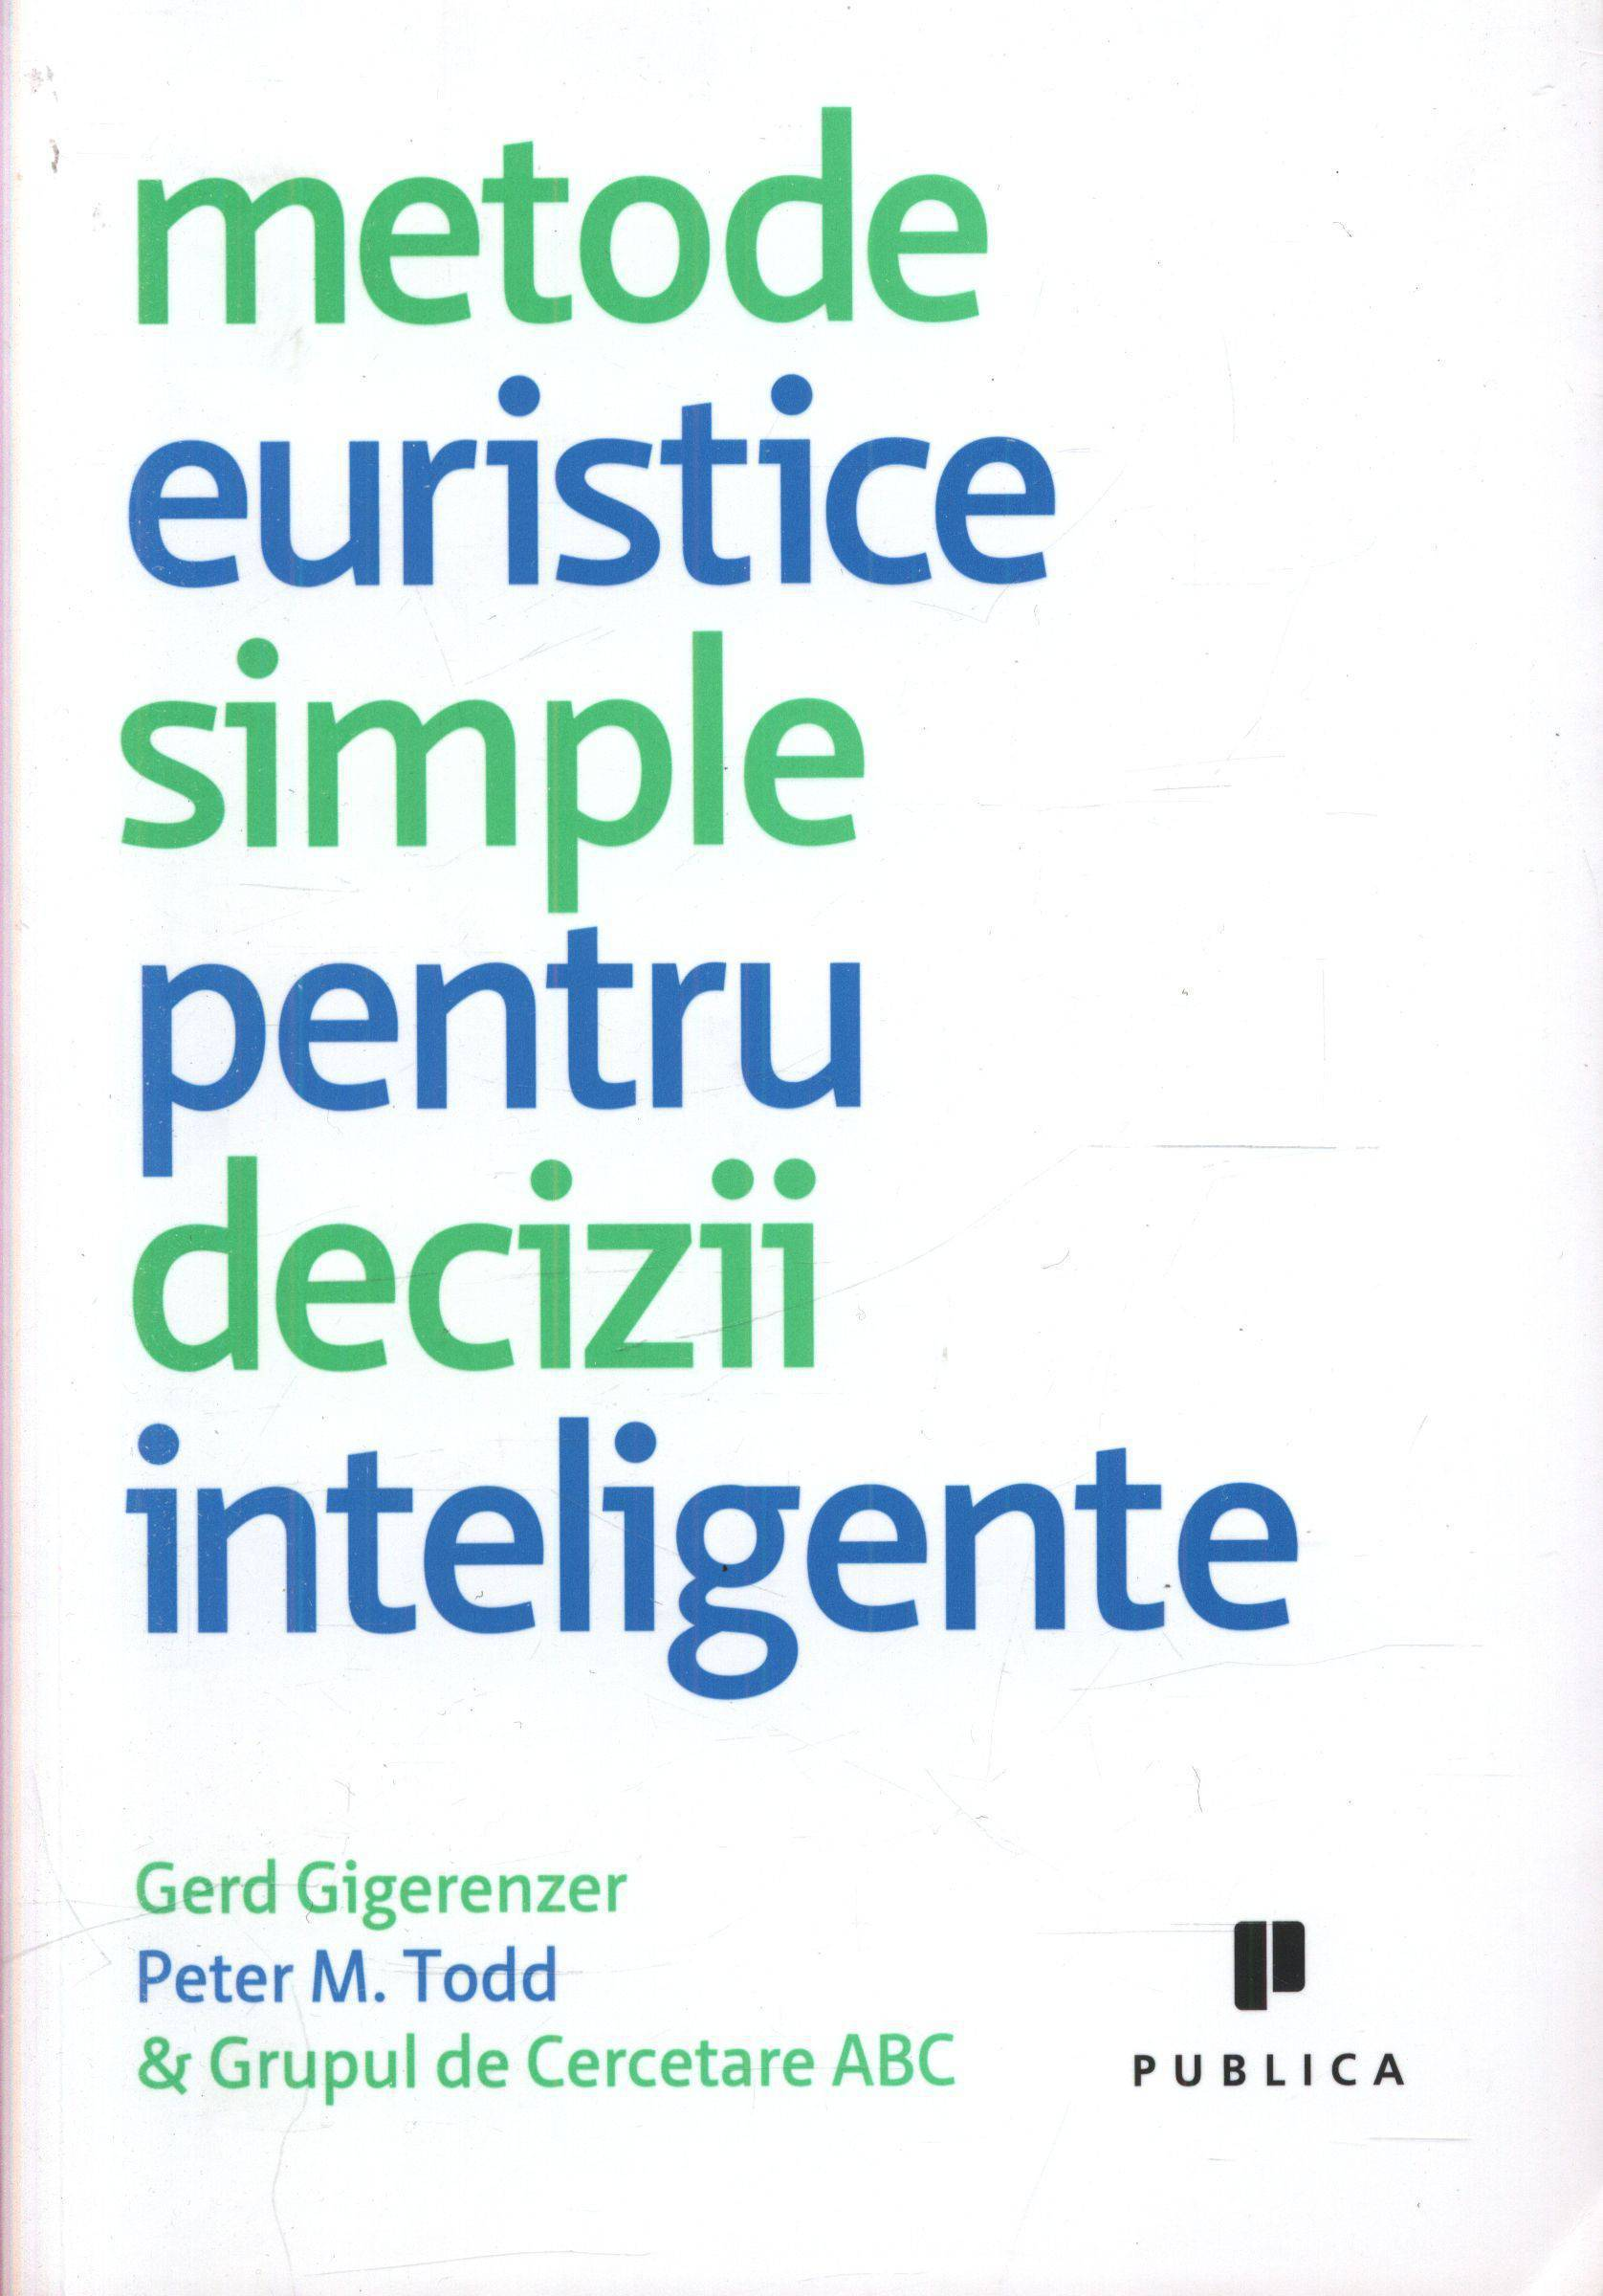 Metode euristice simple pentru decizii inteligente Gerd Gigerenzer